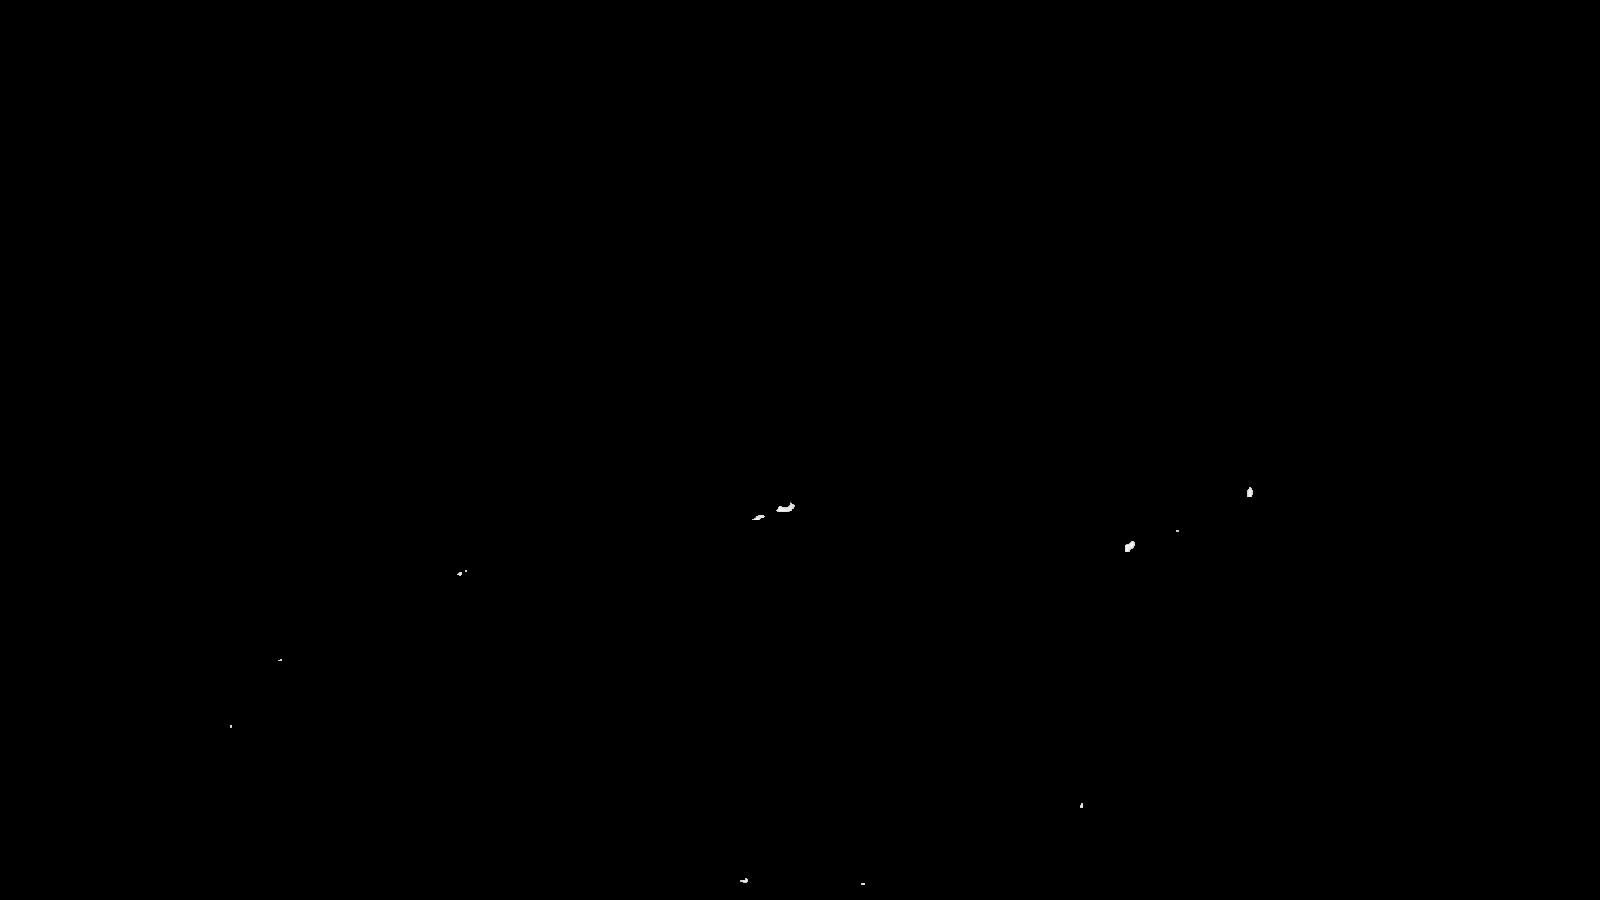 Borrão de tinta 12_fundo preto png